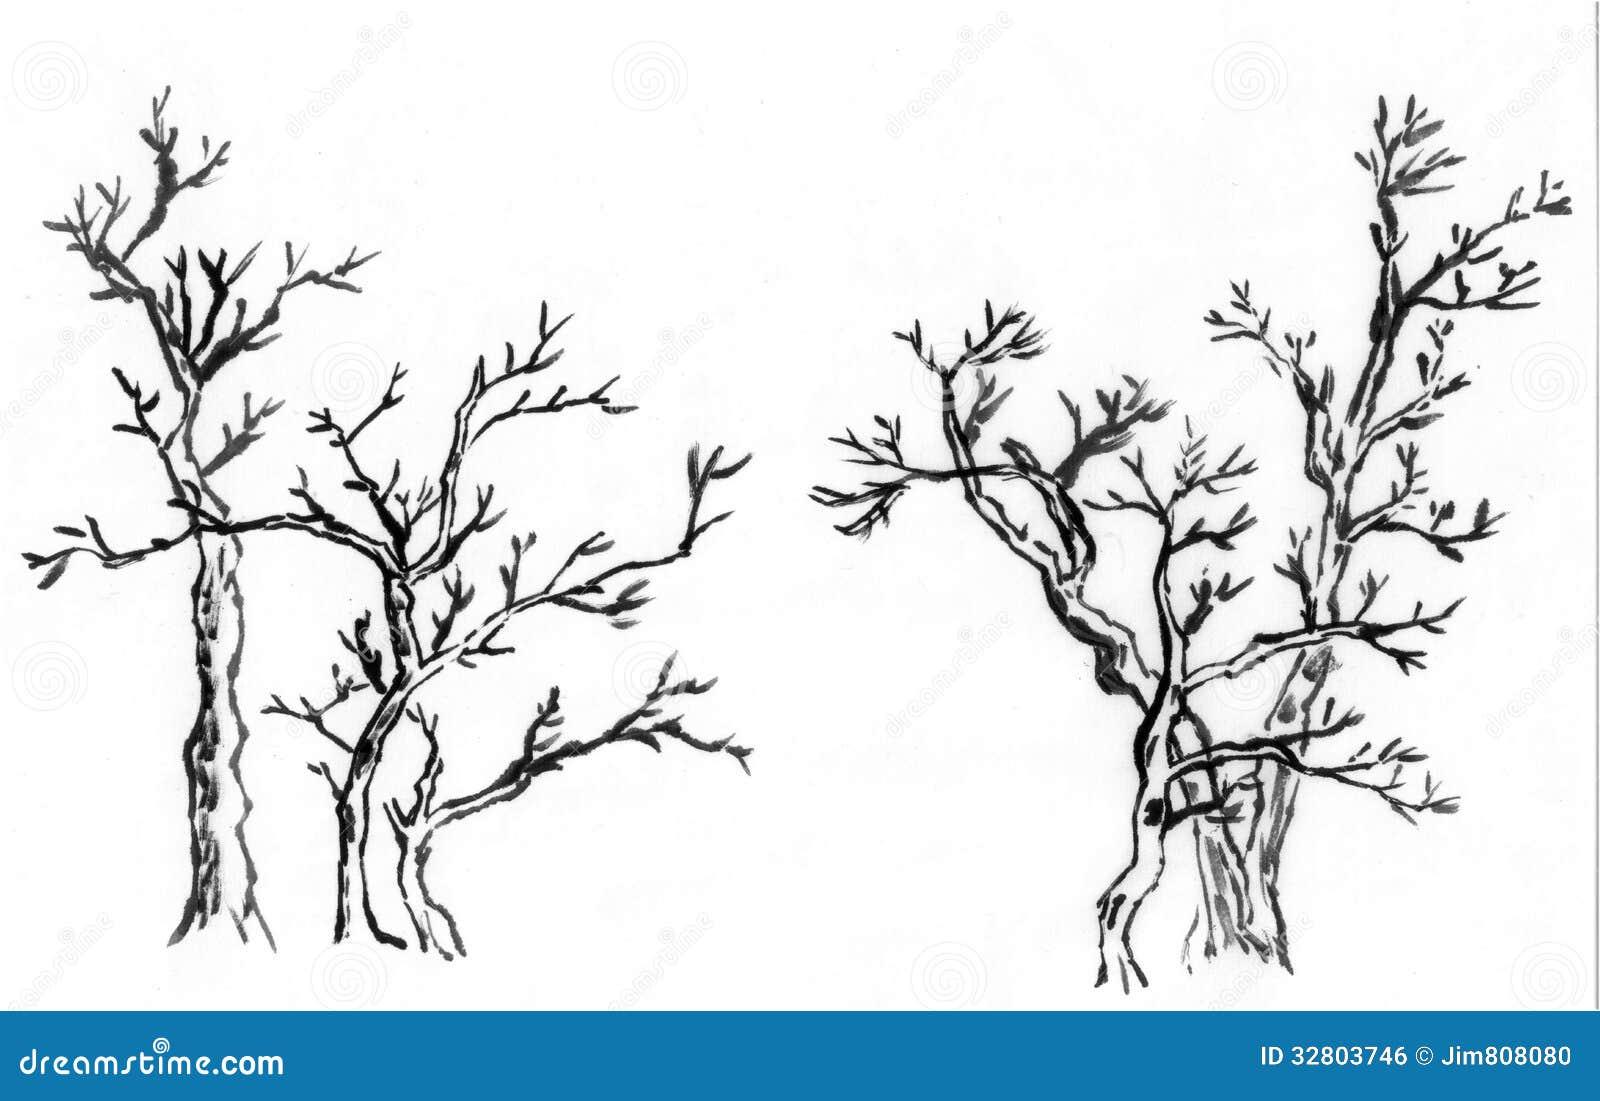 Arbre chinois de peinture les trois arbres illustration stock illustration du blanc - Dessin arbre chinois ...